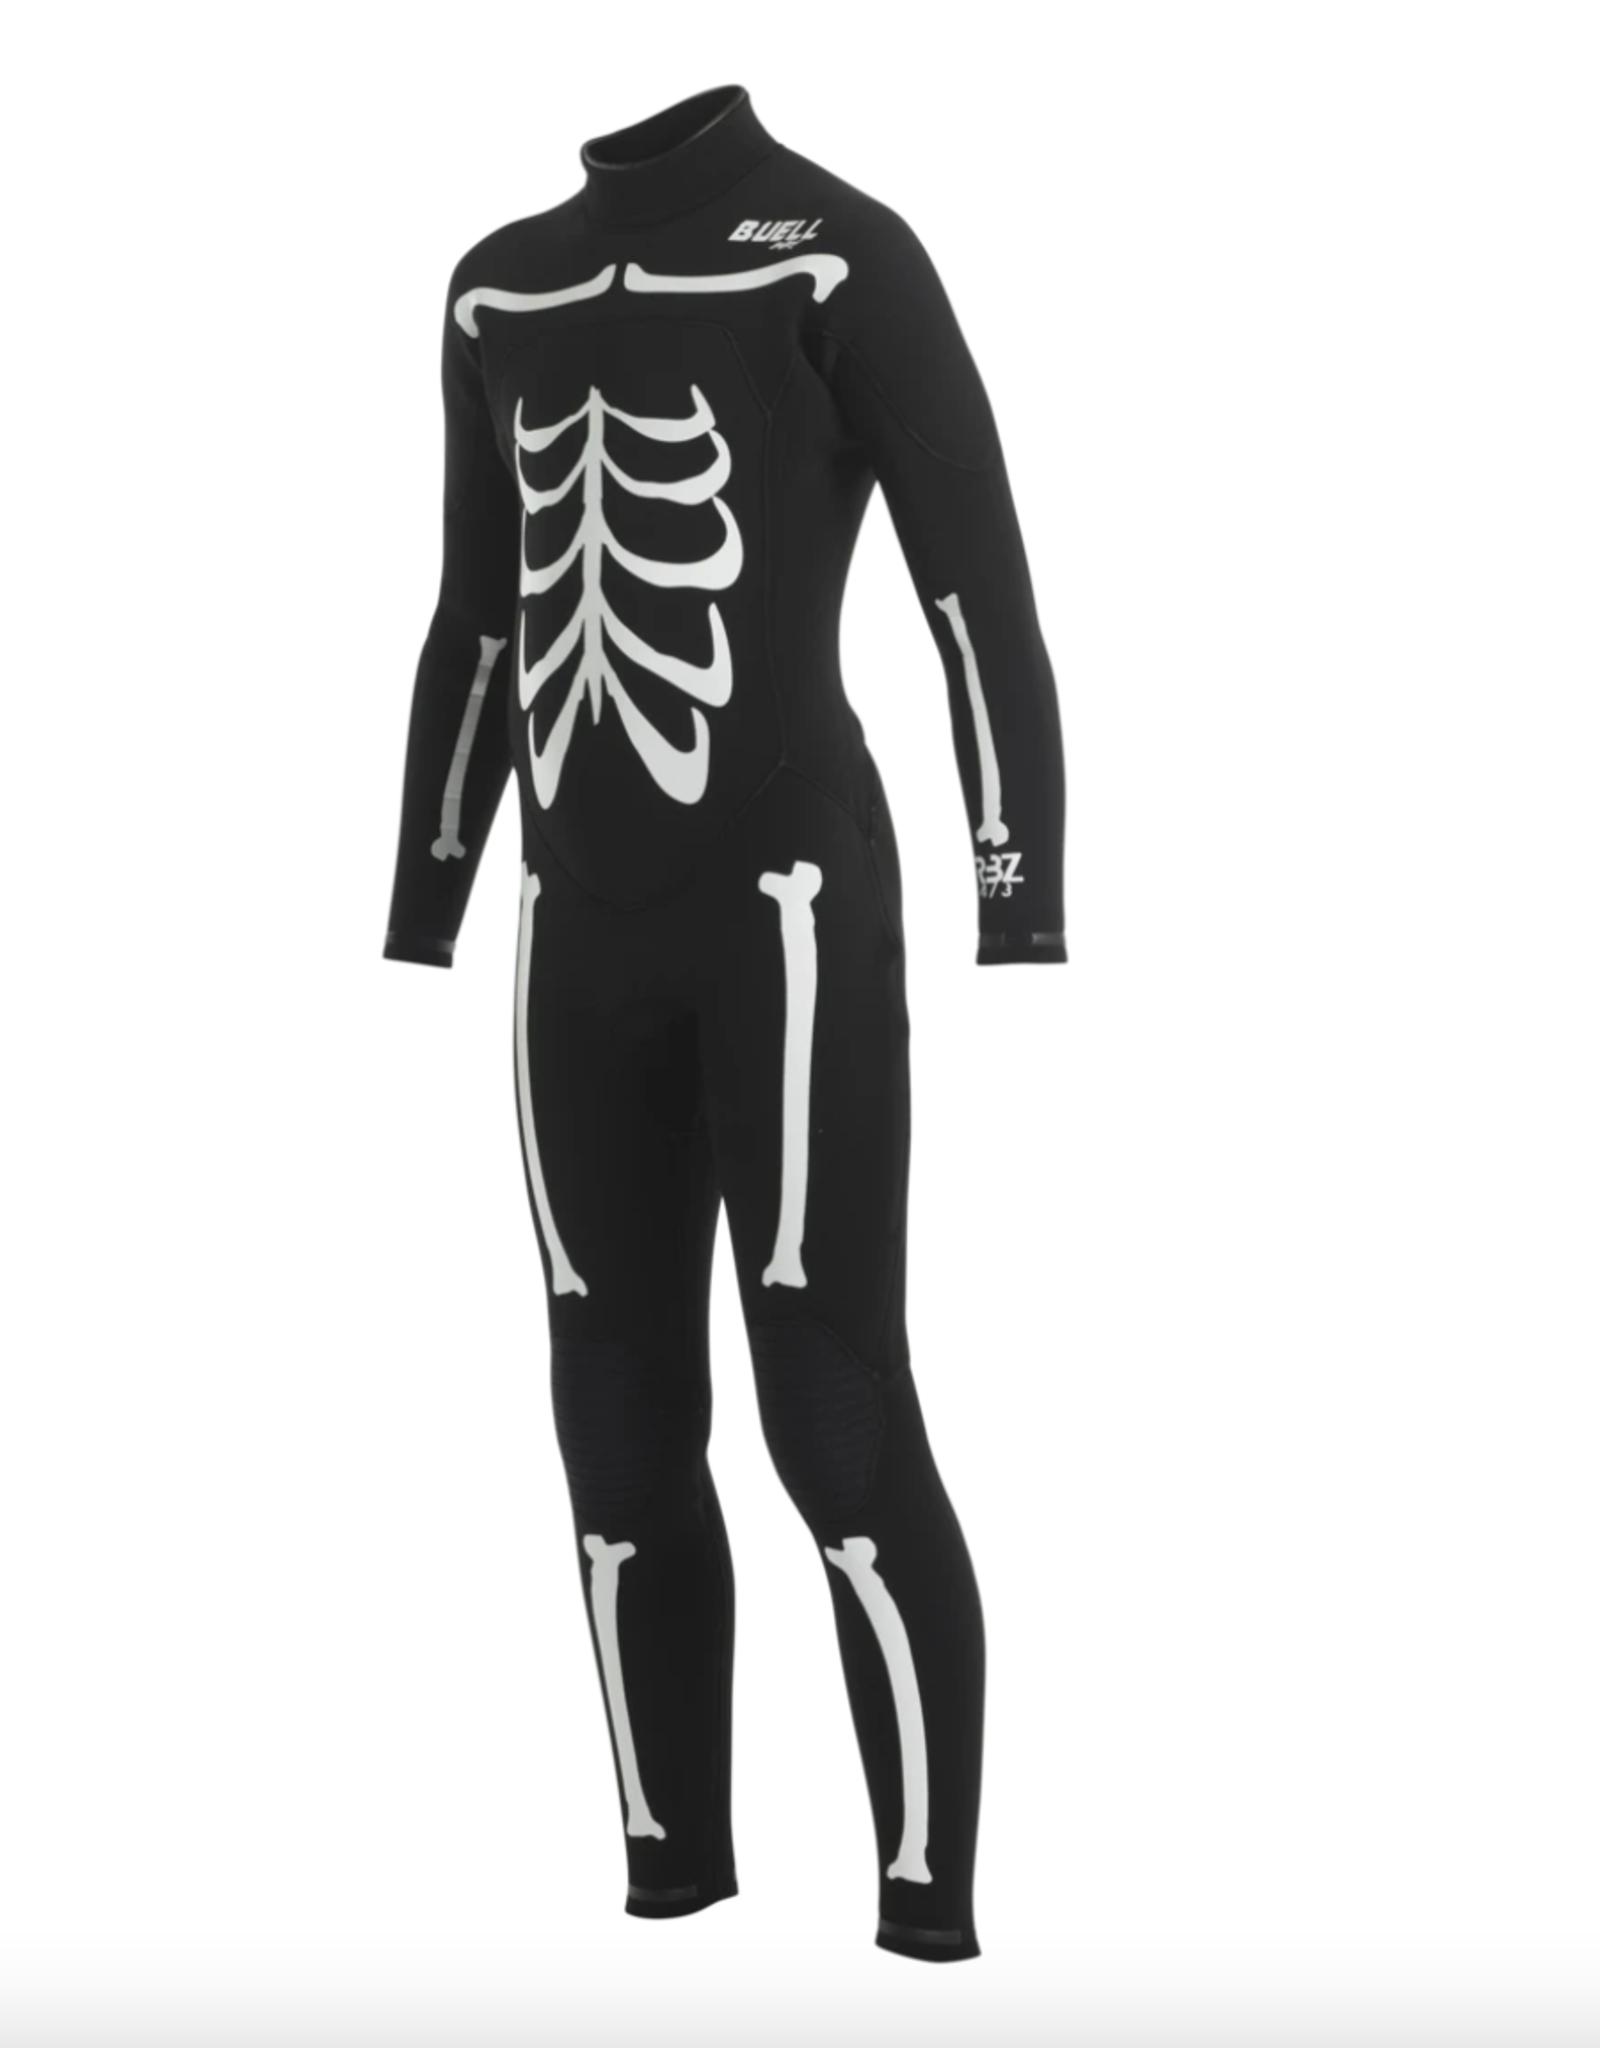 Buell RBZ 3/2 Juniors- Black/White Bones